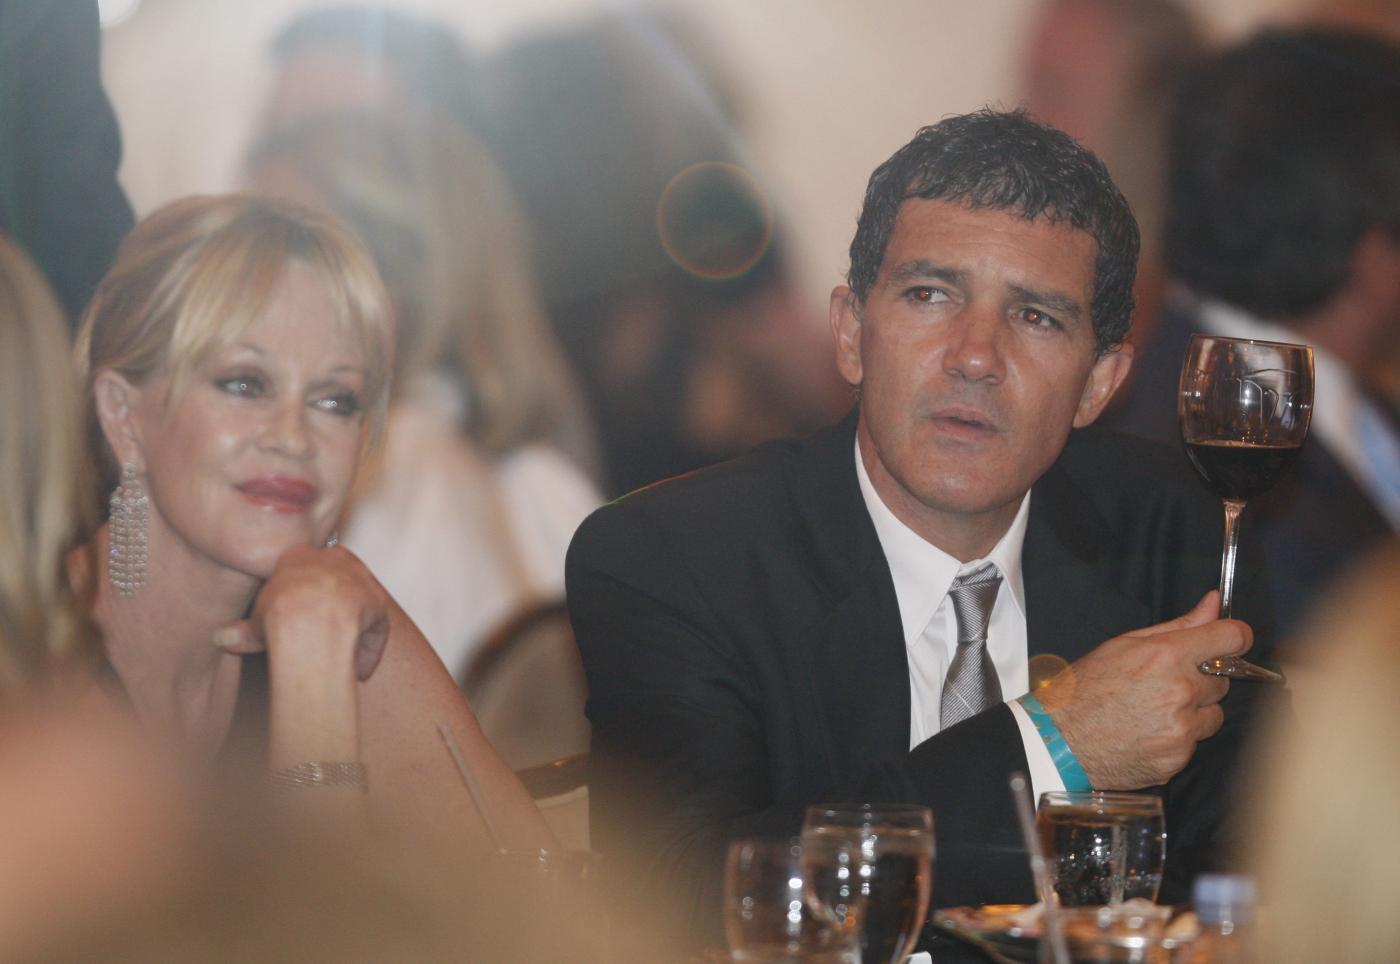 Melanie Griffith e Antonio Banderas: divorzio dopo 18 anni di matrimonio